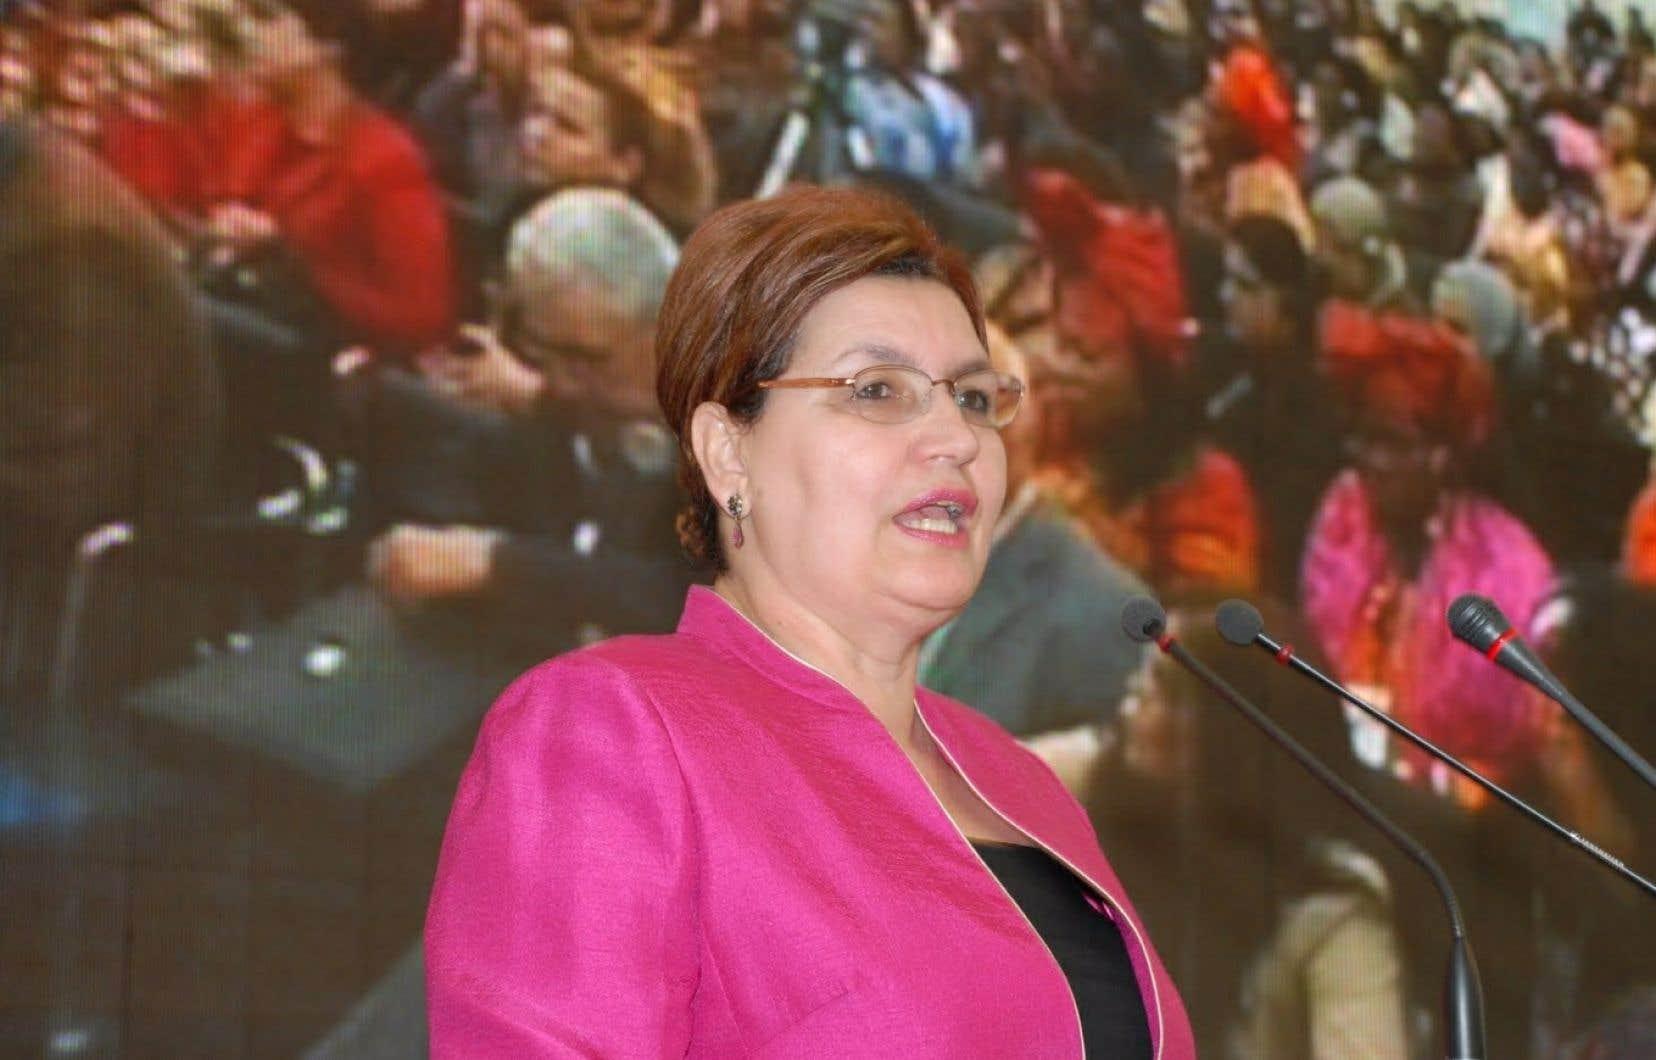 Se disant «sidérée, blessée et choquée» par les déclarations récentes de son collègue Marc Tanguay sur le tchador, Fatima Houda-Pepin a fait parvenir une lettre dans laquelle elle dit ne plus reconnaître son parti.